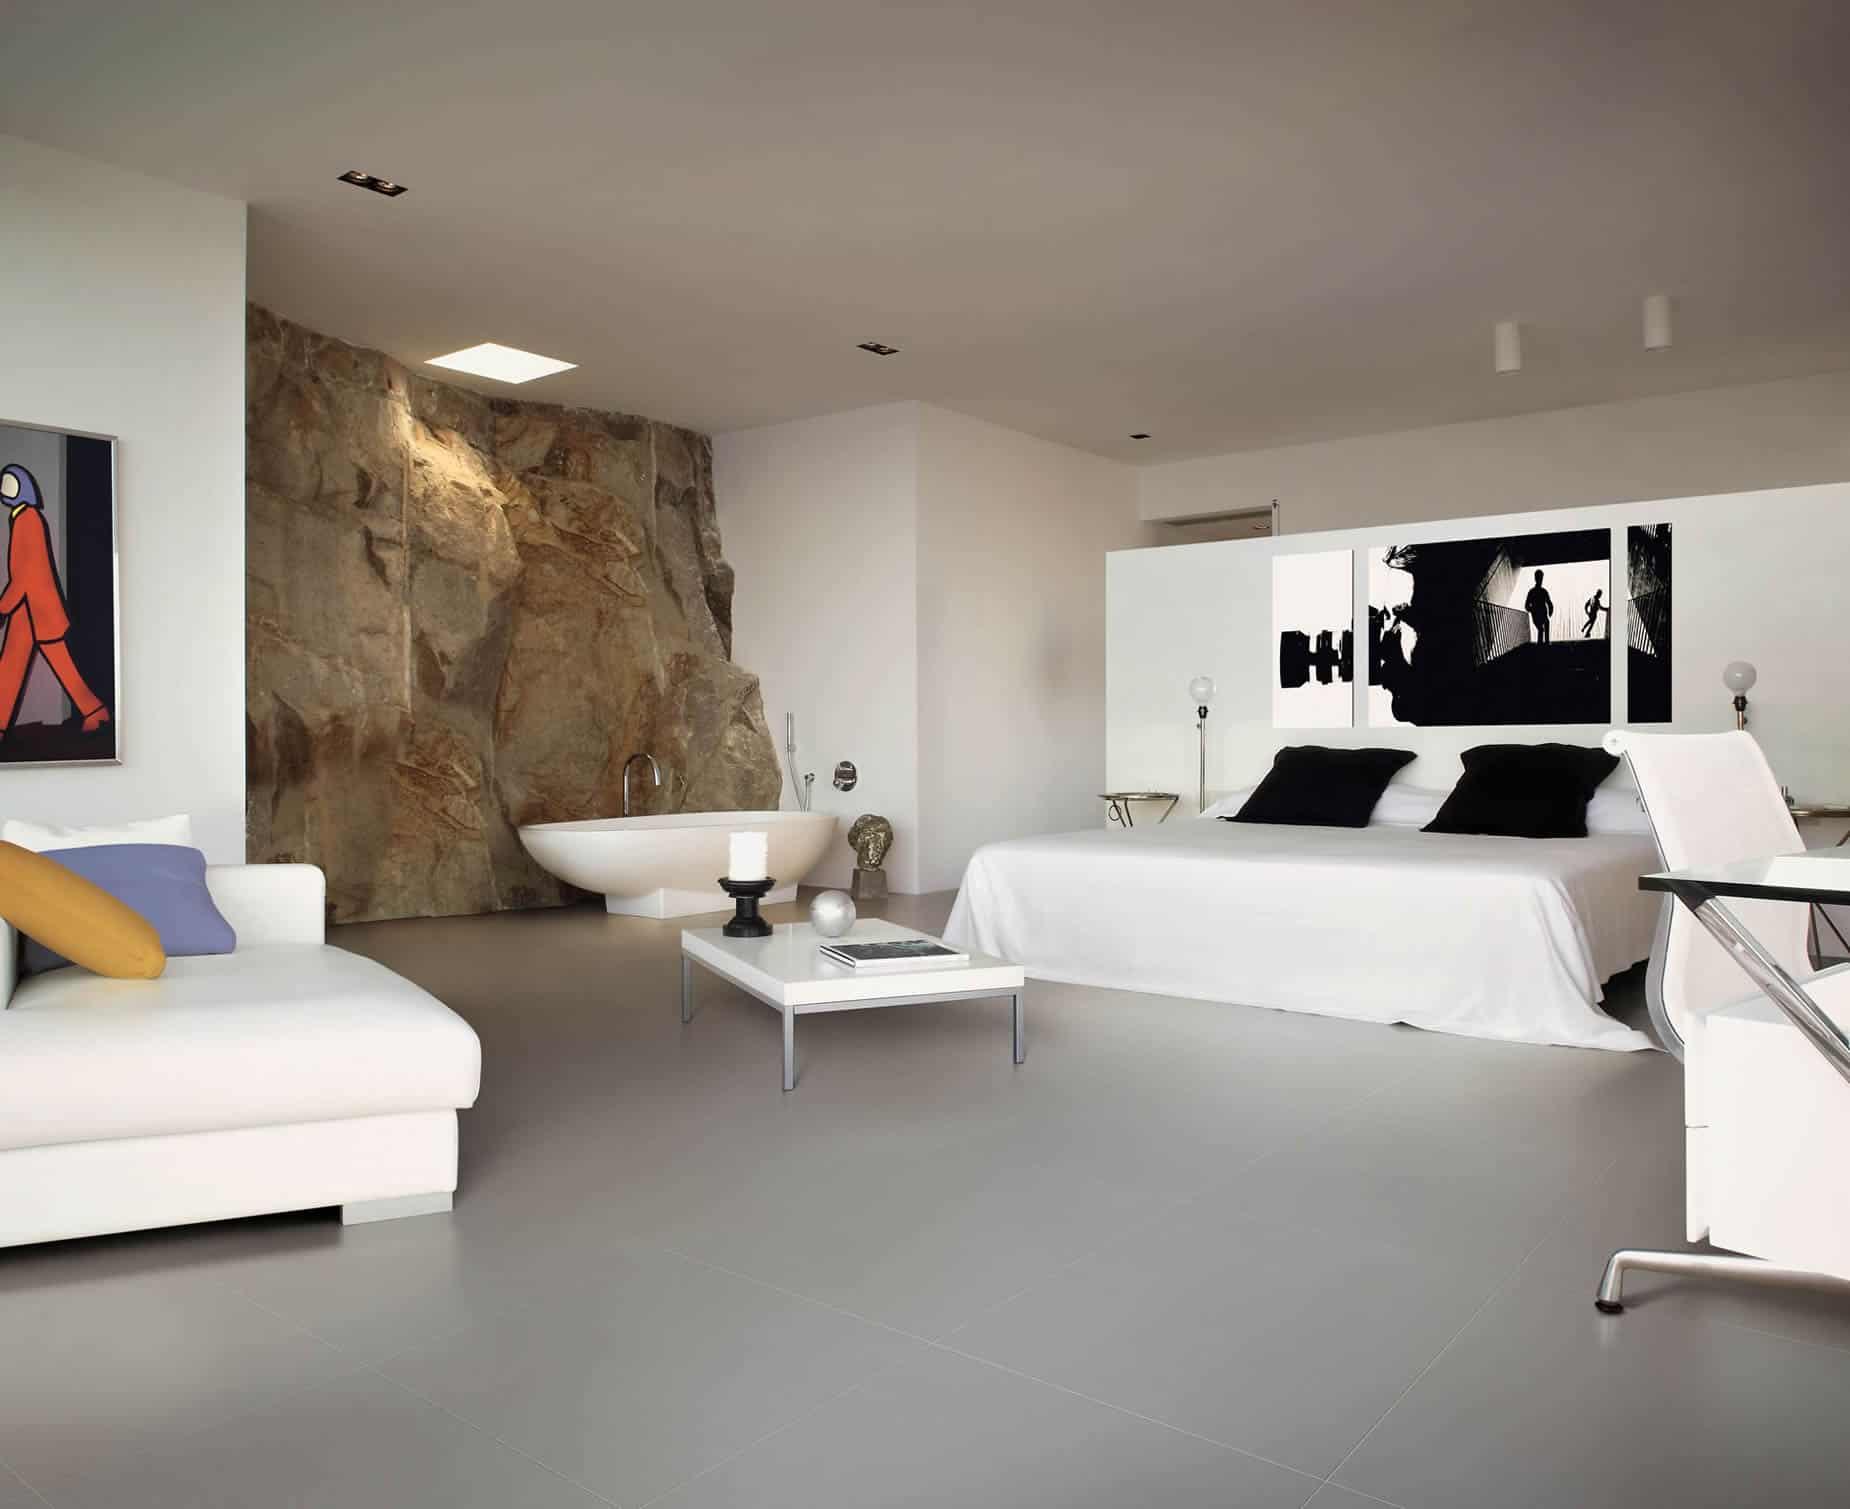 Pavimento Scuro Colore Pareti : Pavimento grigio scuro colore pareti quali colori abbinare al